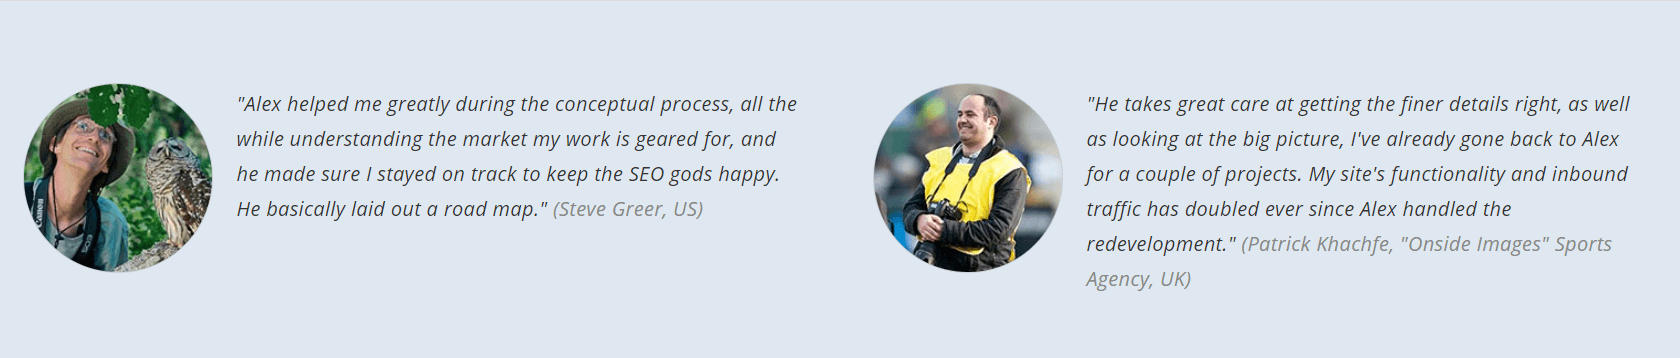 Screenshot of customer testimonials on a website